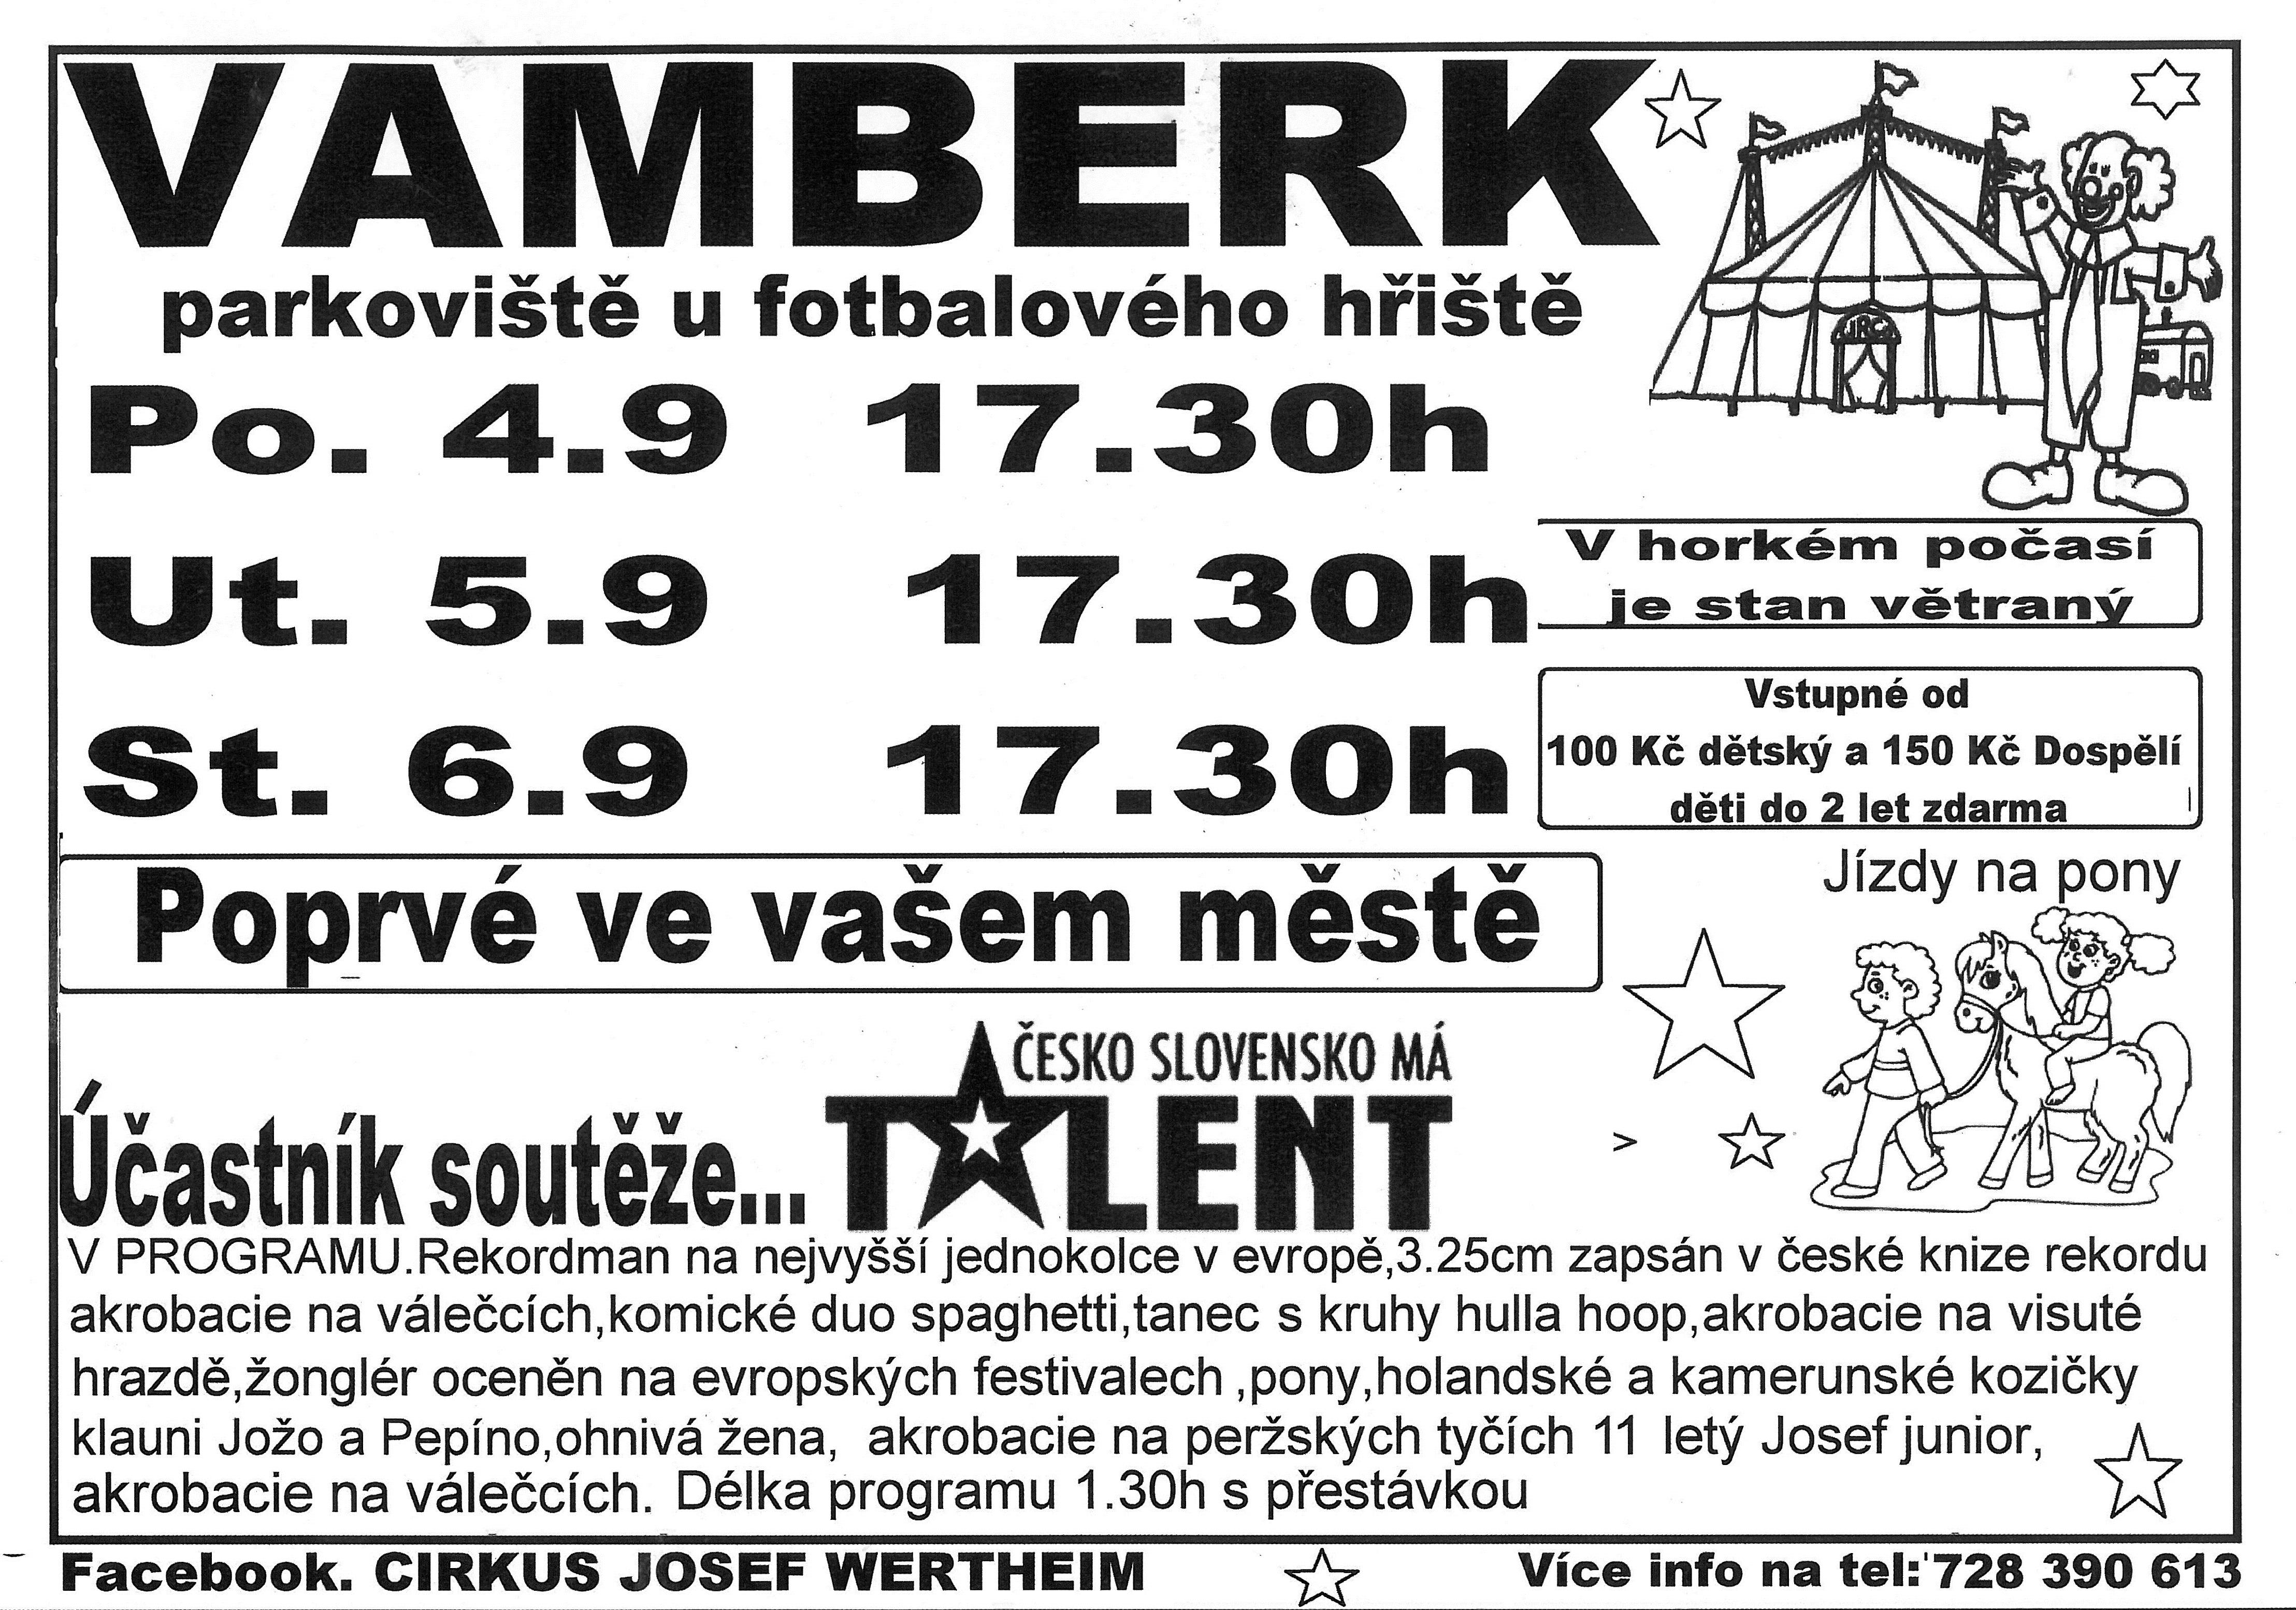 04. - 06.09.2017 - Cirkus Wertheim